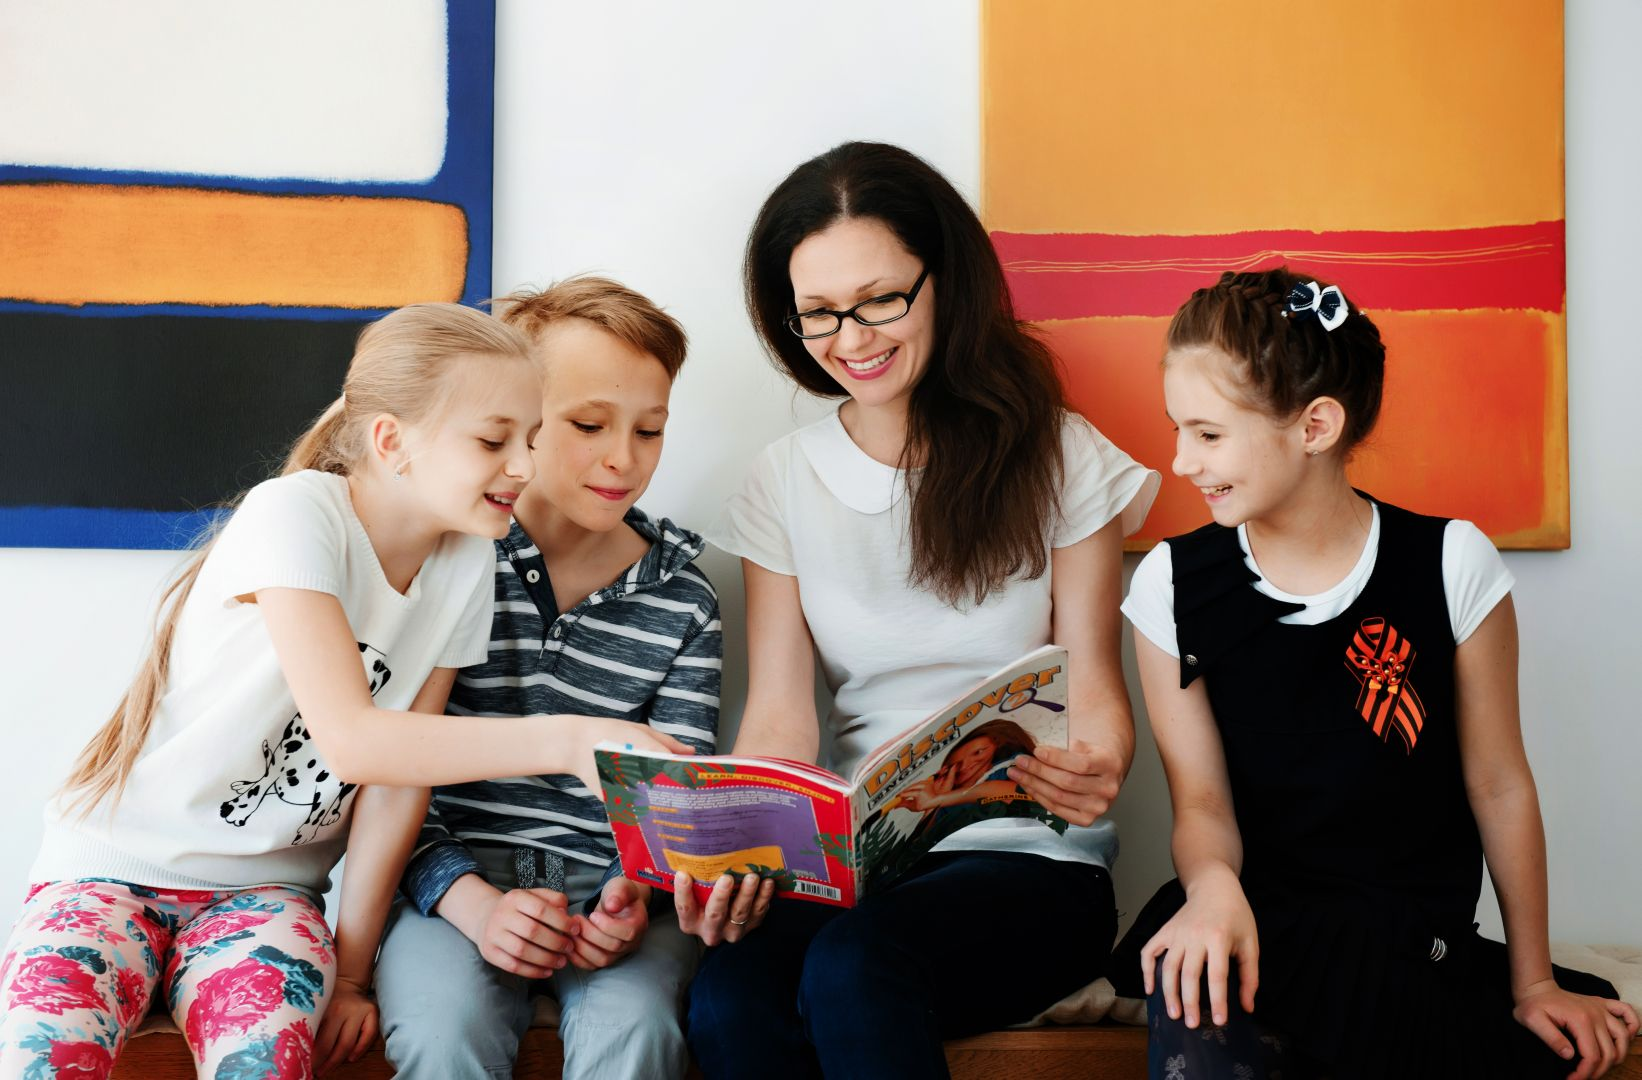 Ставропольским детям предлагают летние интенсивные программы изучения английского со скидкой 50%